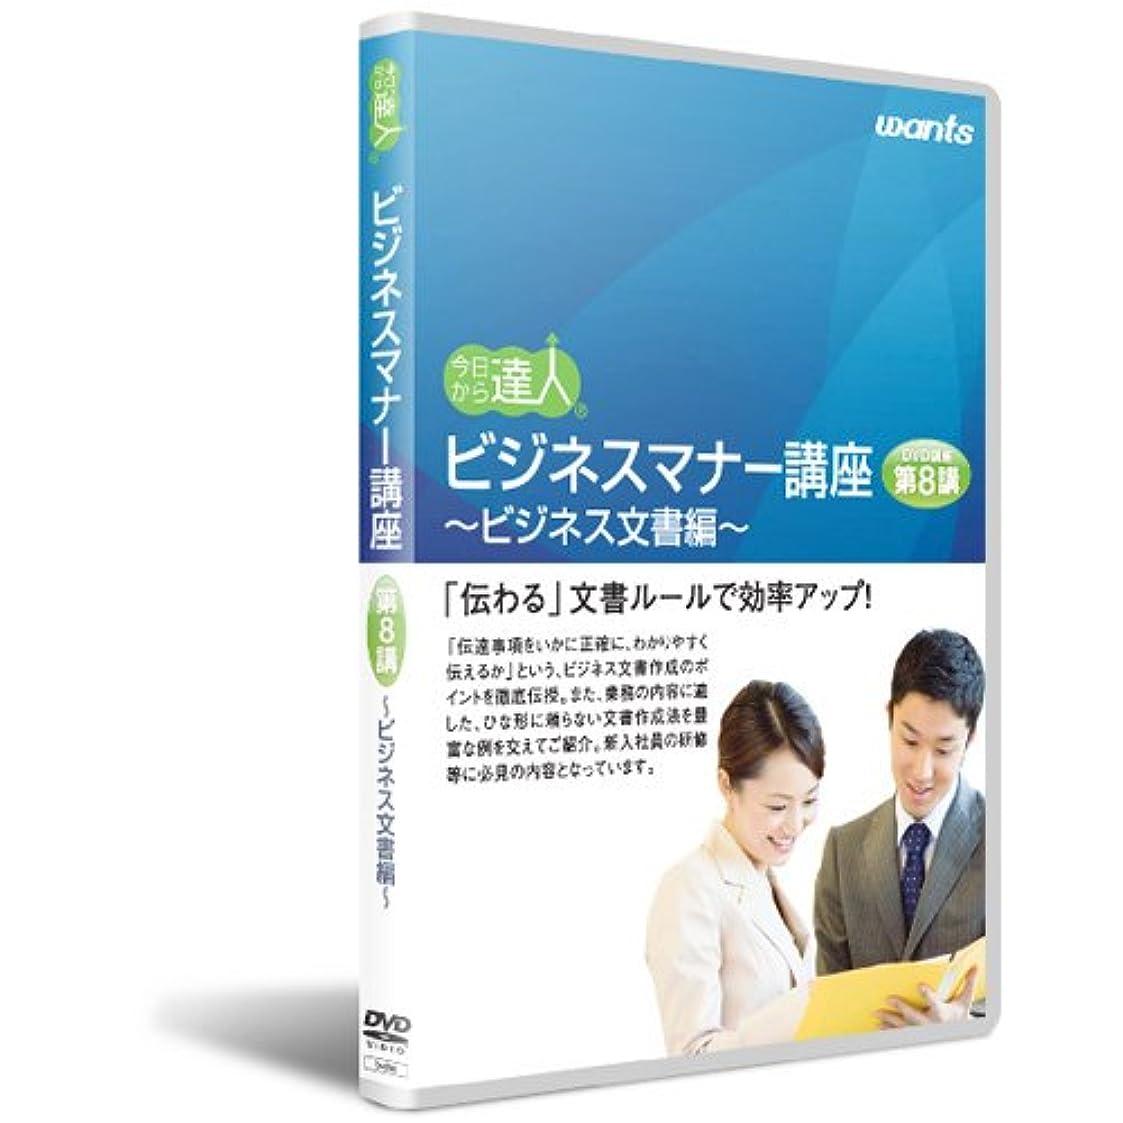 独創的ゴムビジタービジネスマナー:DVD講座 第8講 ビジネス文書編